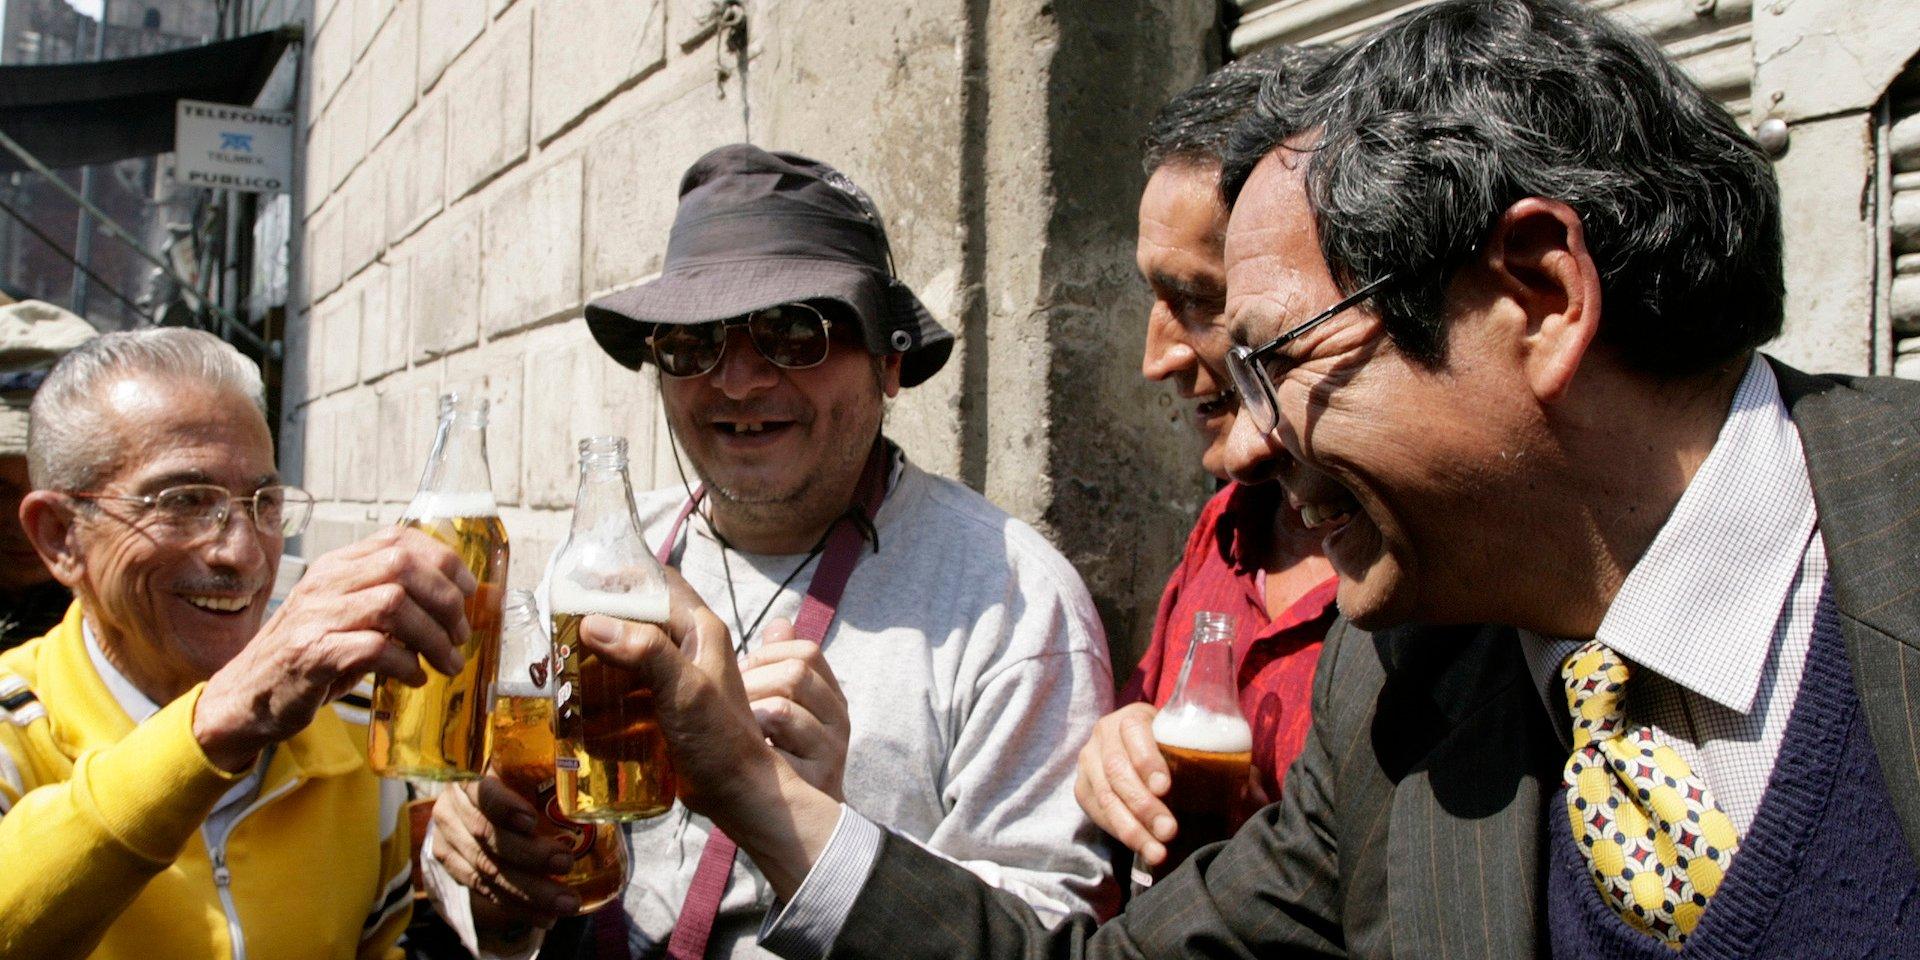 墨西哥要禁售冰啤酒?网友:别动我们的啤酒